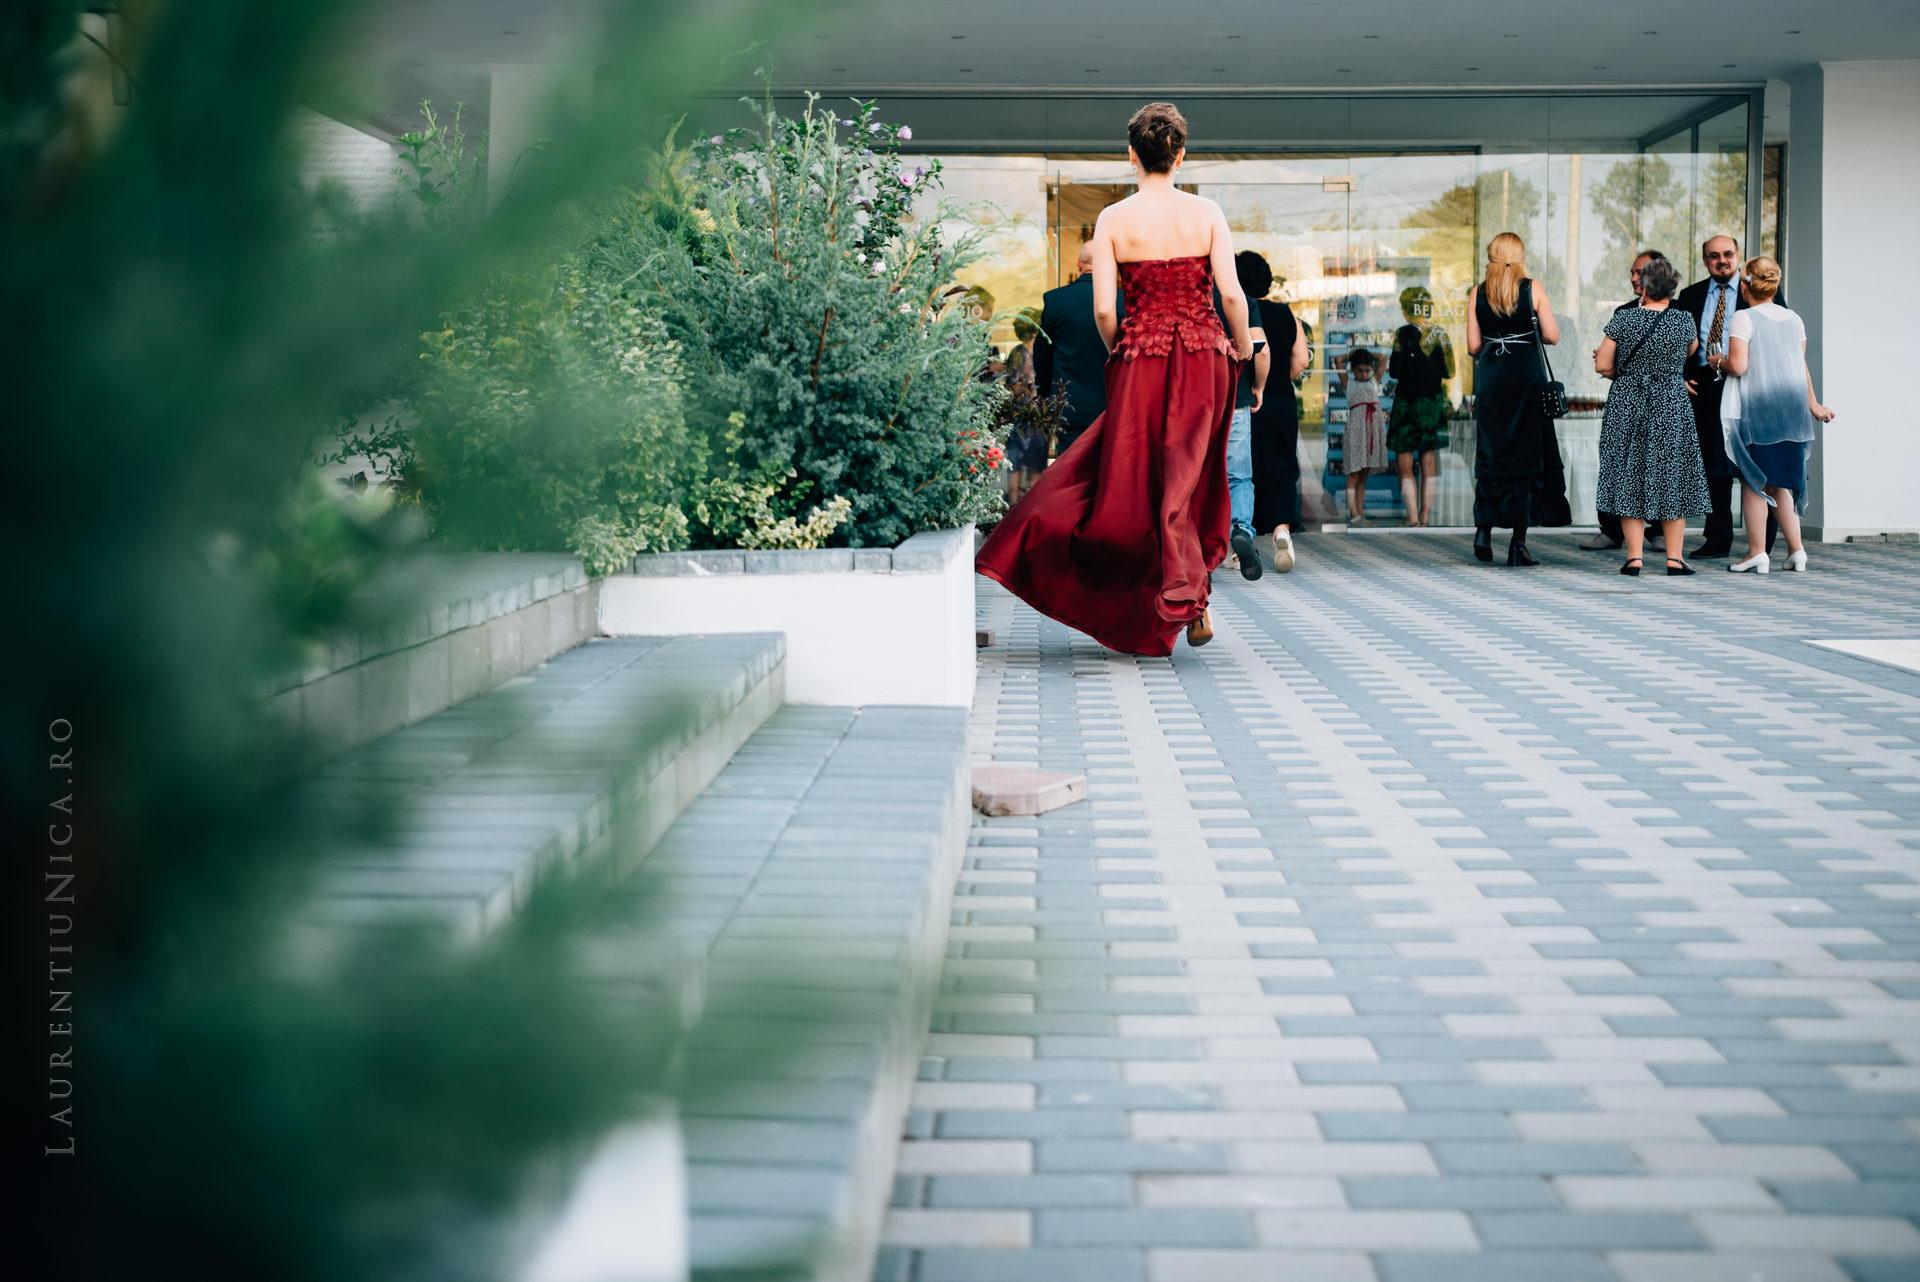 lavinia si adi fotograf laurentiu nica craiova 060 - Lavinia & Adi | Fotografii nunta